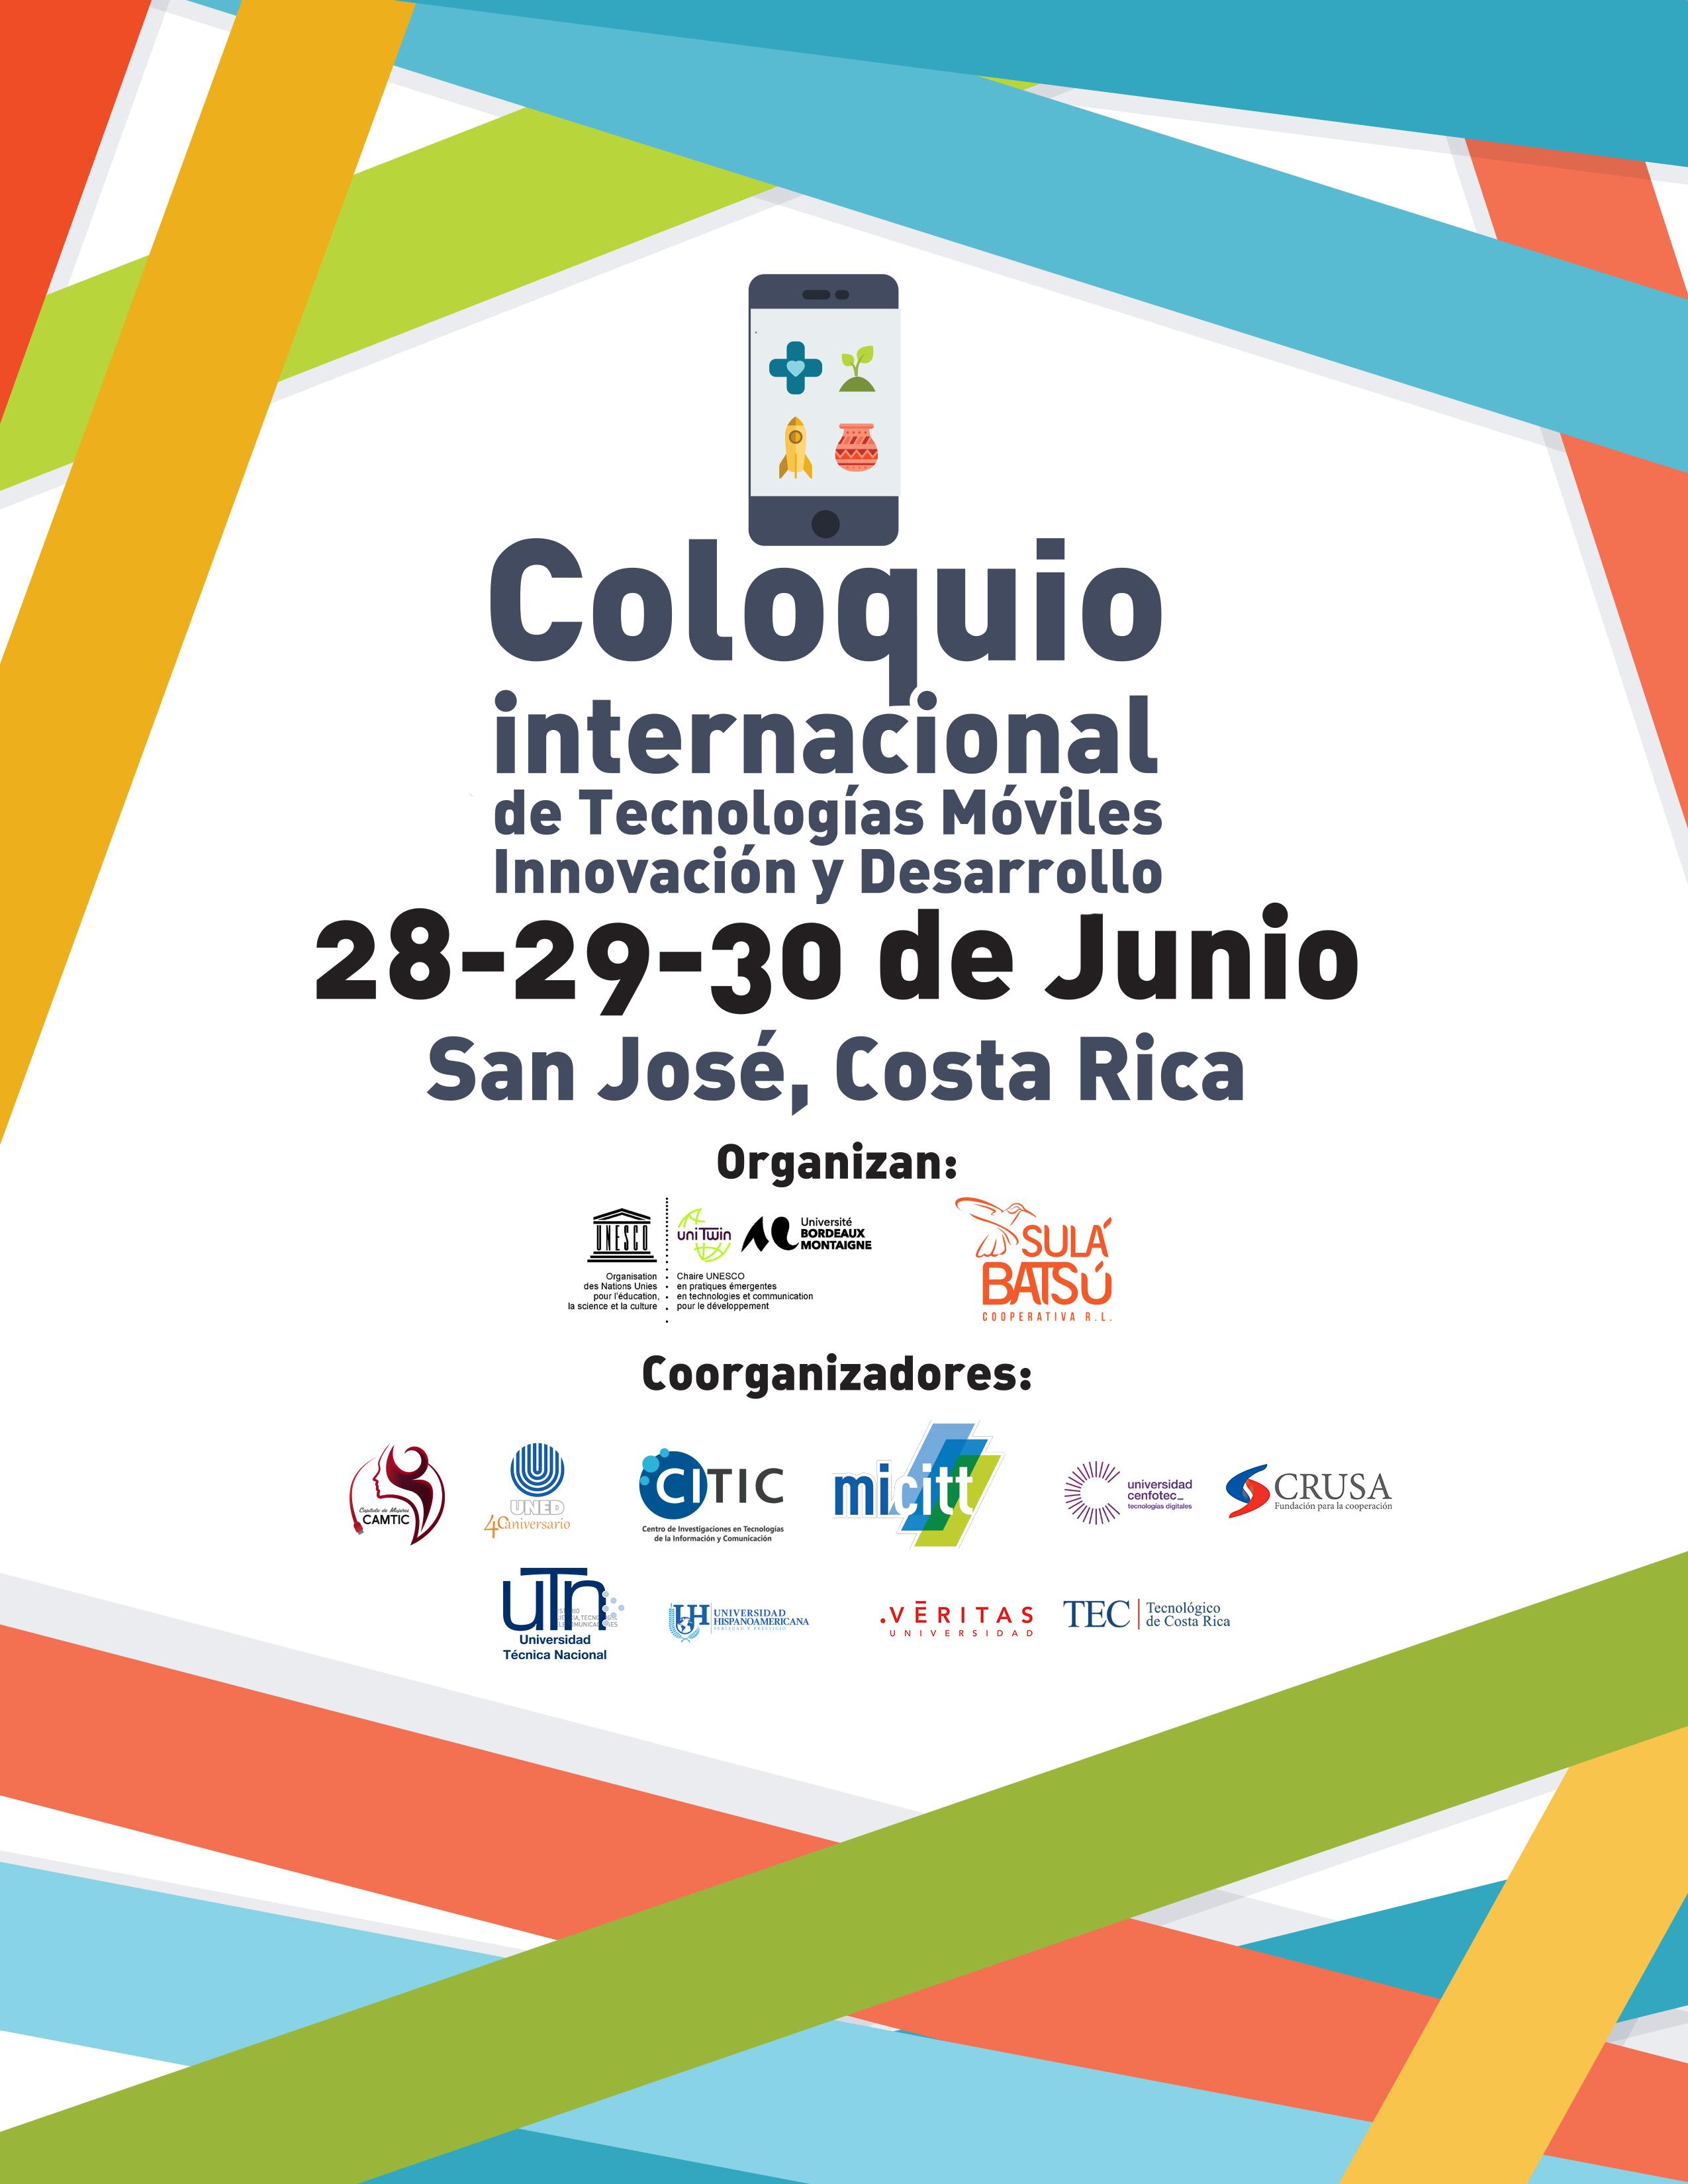 Banner oficial del Coloquio Internacional de Tecnologías Móviles, Innovación y Desarrollo